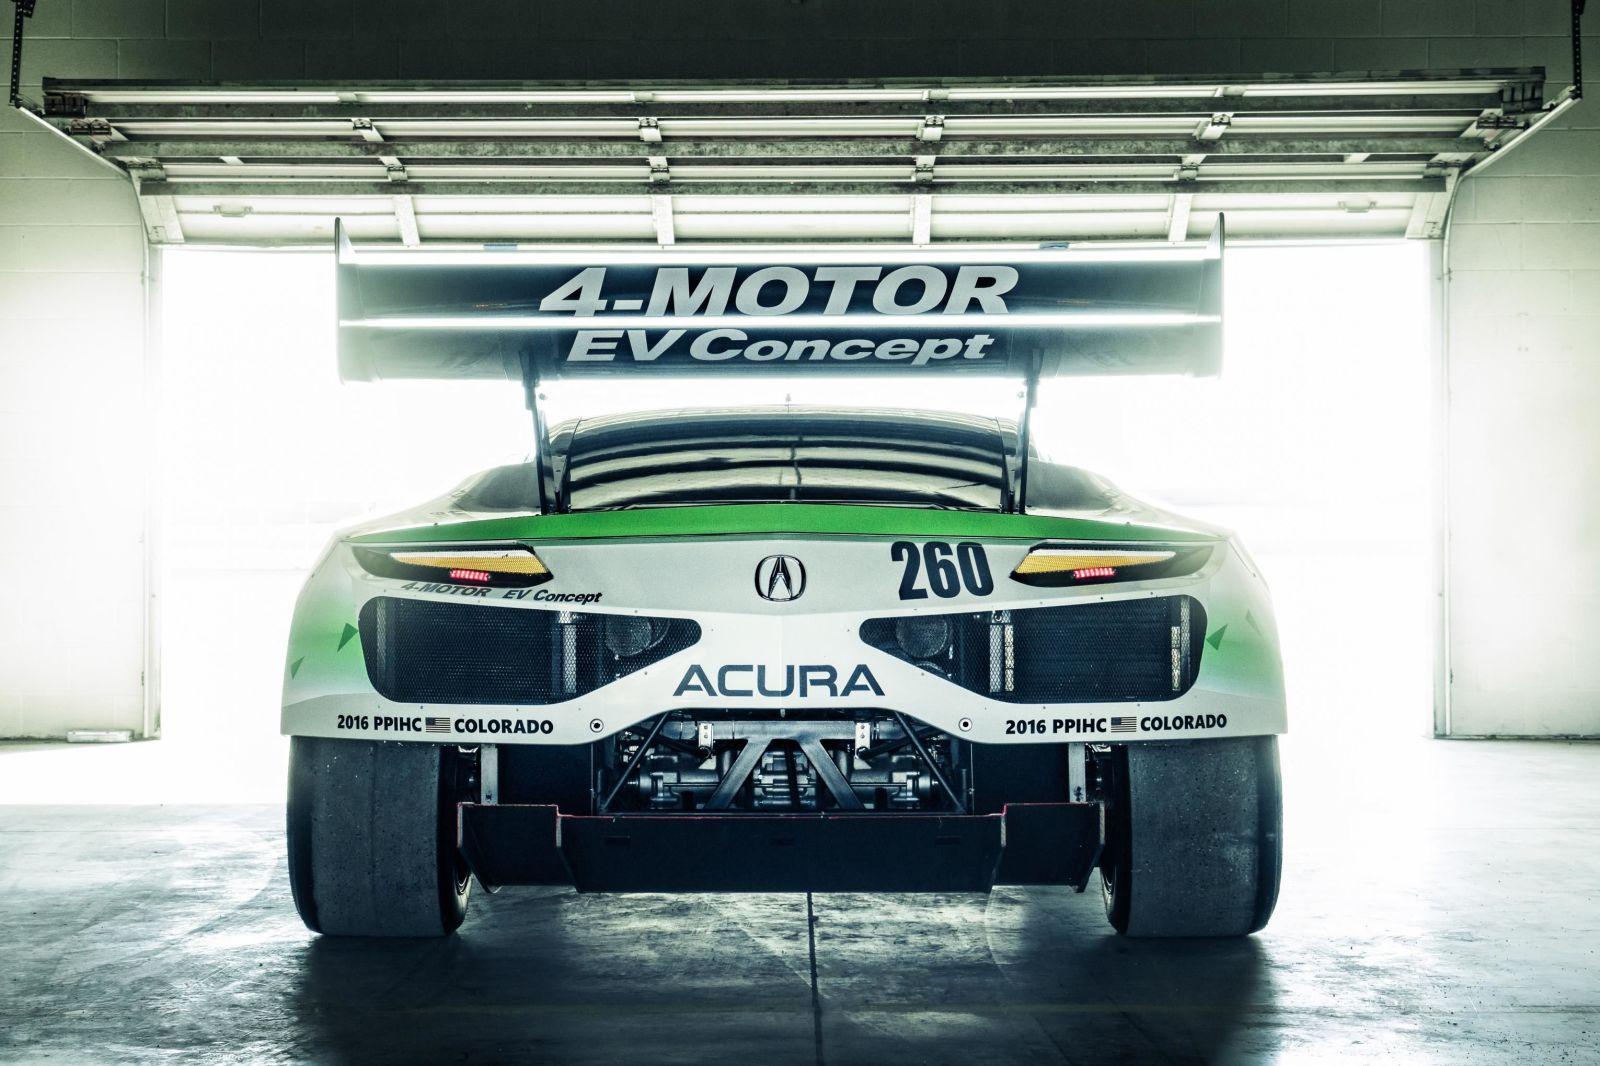 Honda 4-Motor EV Concept: Así es el NSX eléctrico que veremos en la subida al Pikes Peak 1